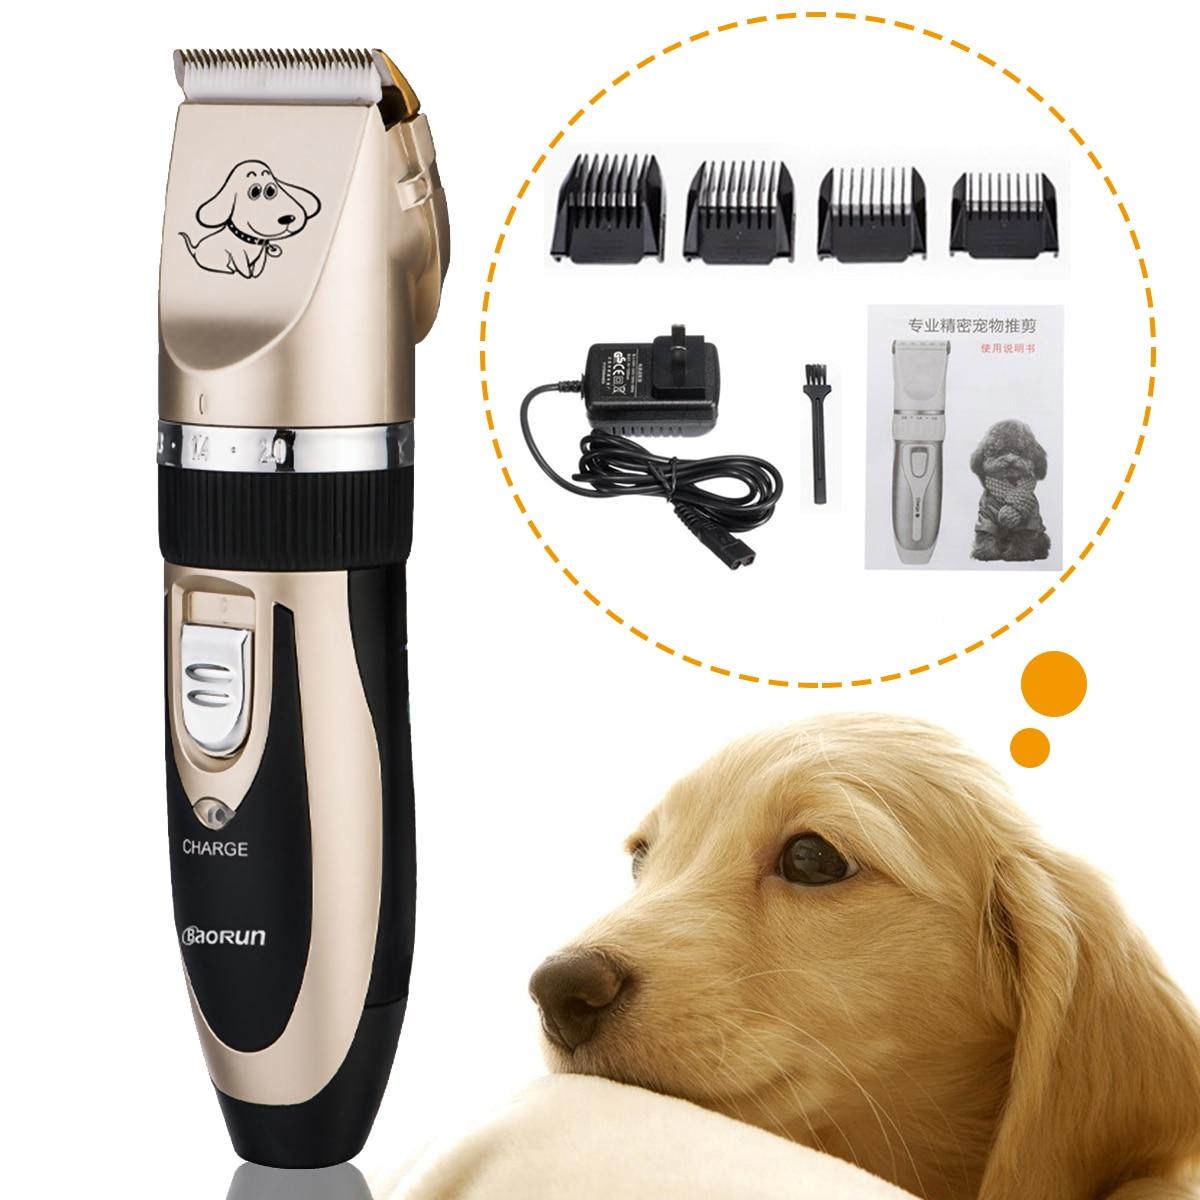 Какая машинка для стрижки лучше для собак